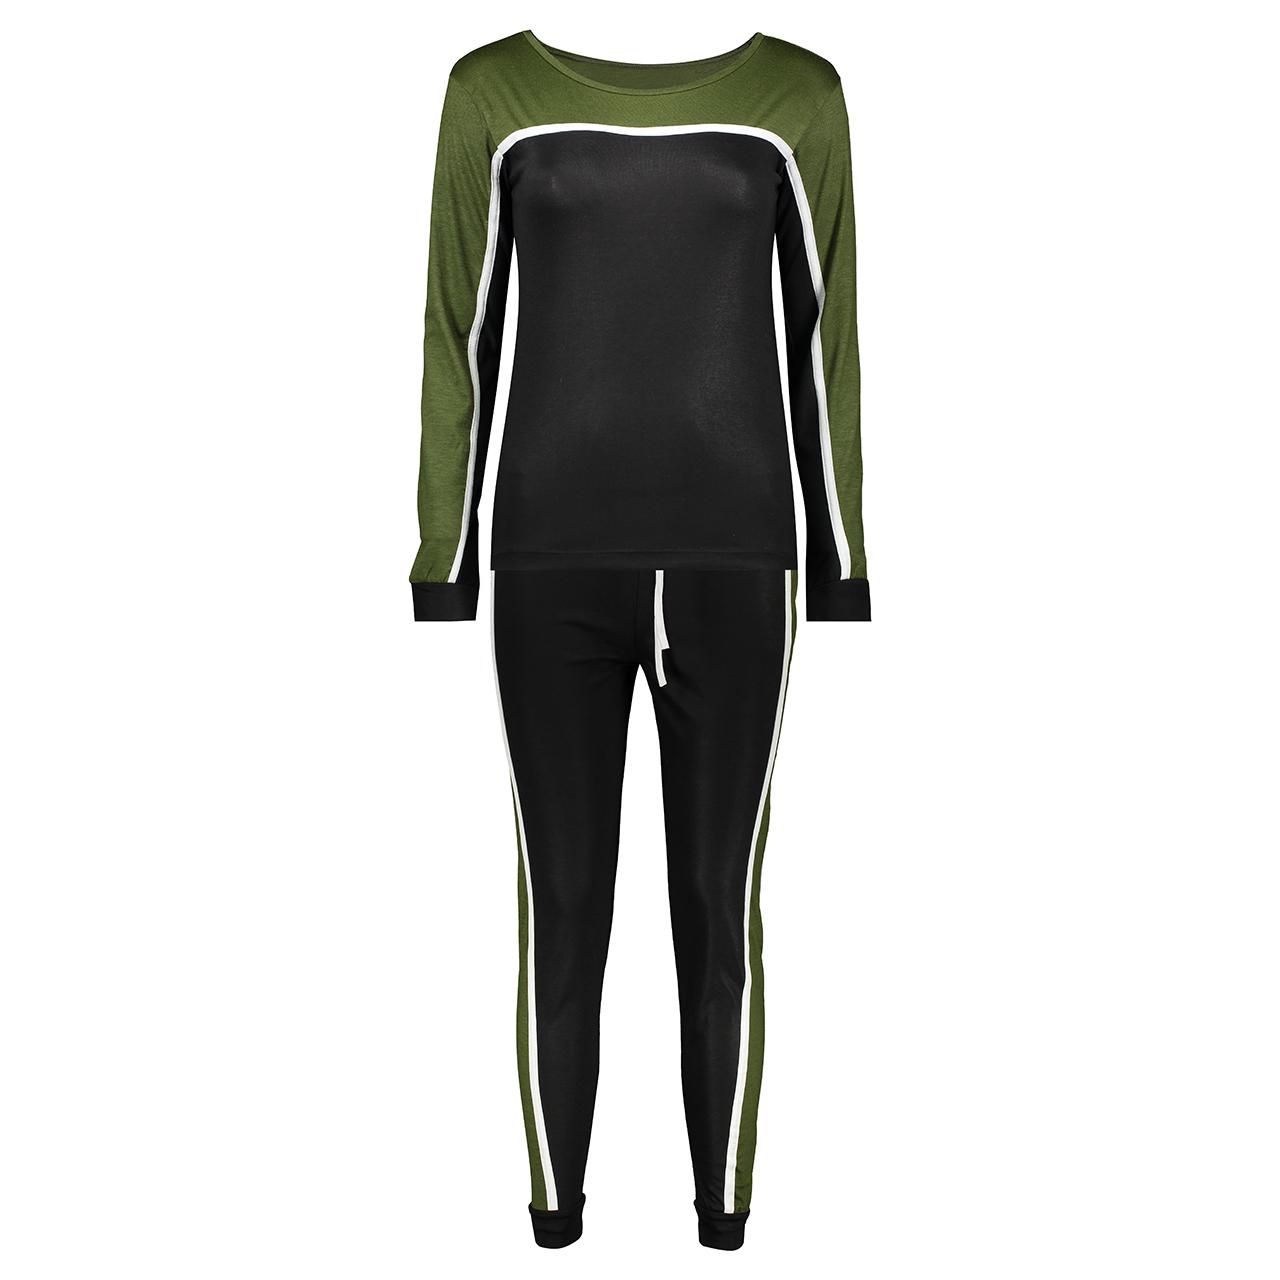 ست تی شرت و شلوار ورزشی زنانه کد 6047 | 6047 T-Shirt And Ttrousers Set For Women